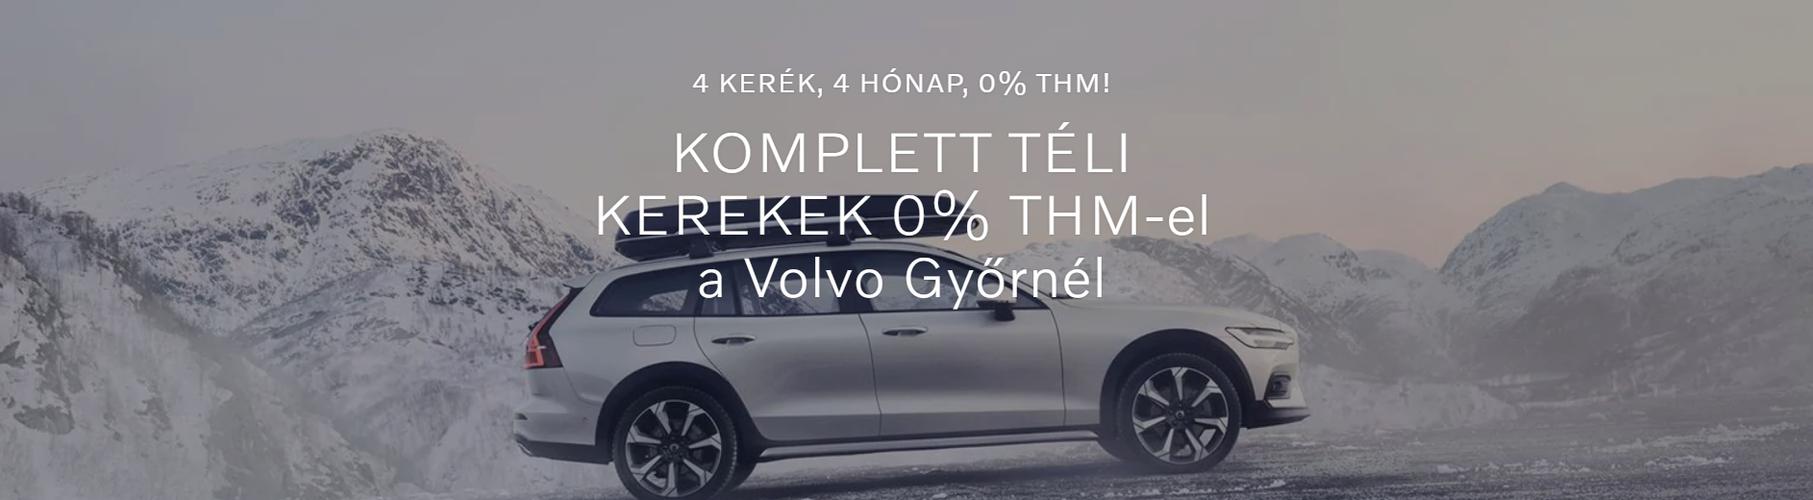 KOMPLETT TÉLI KEREKEK 0% THM-el a Volvo Győrnél.